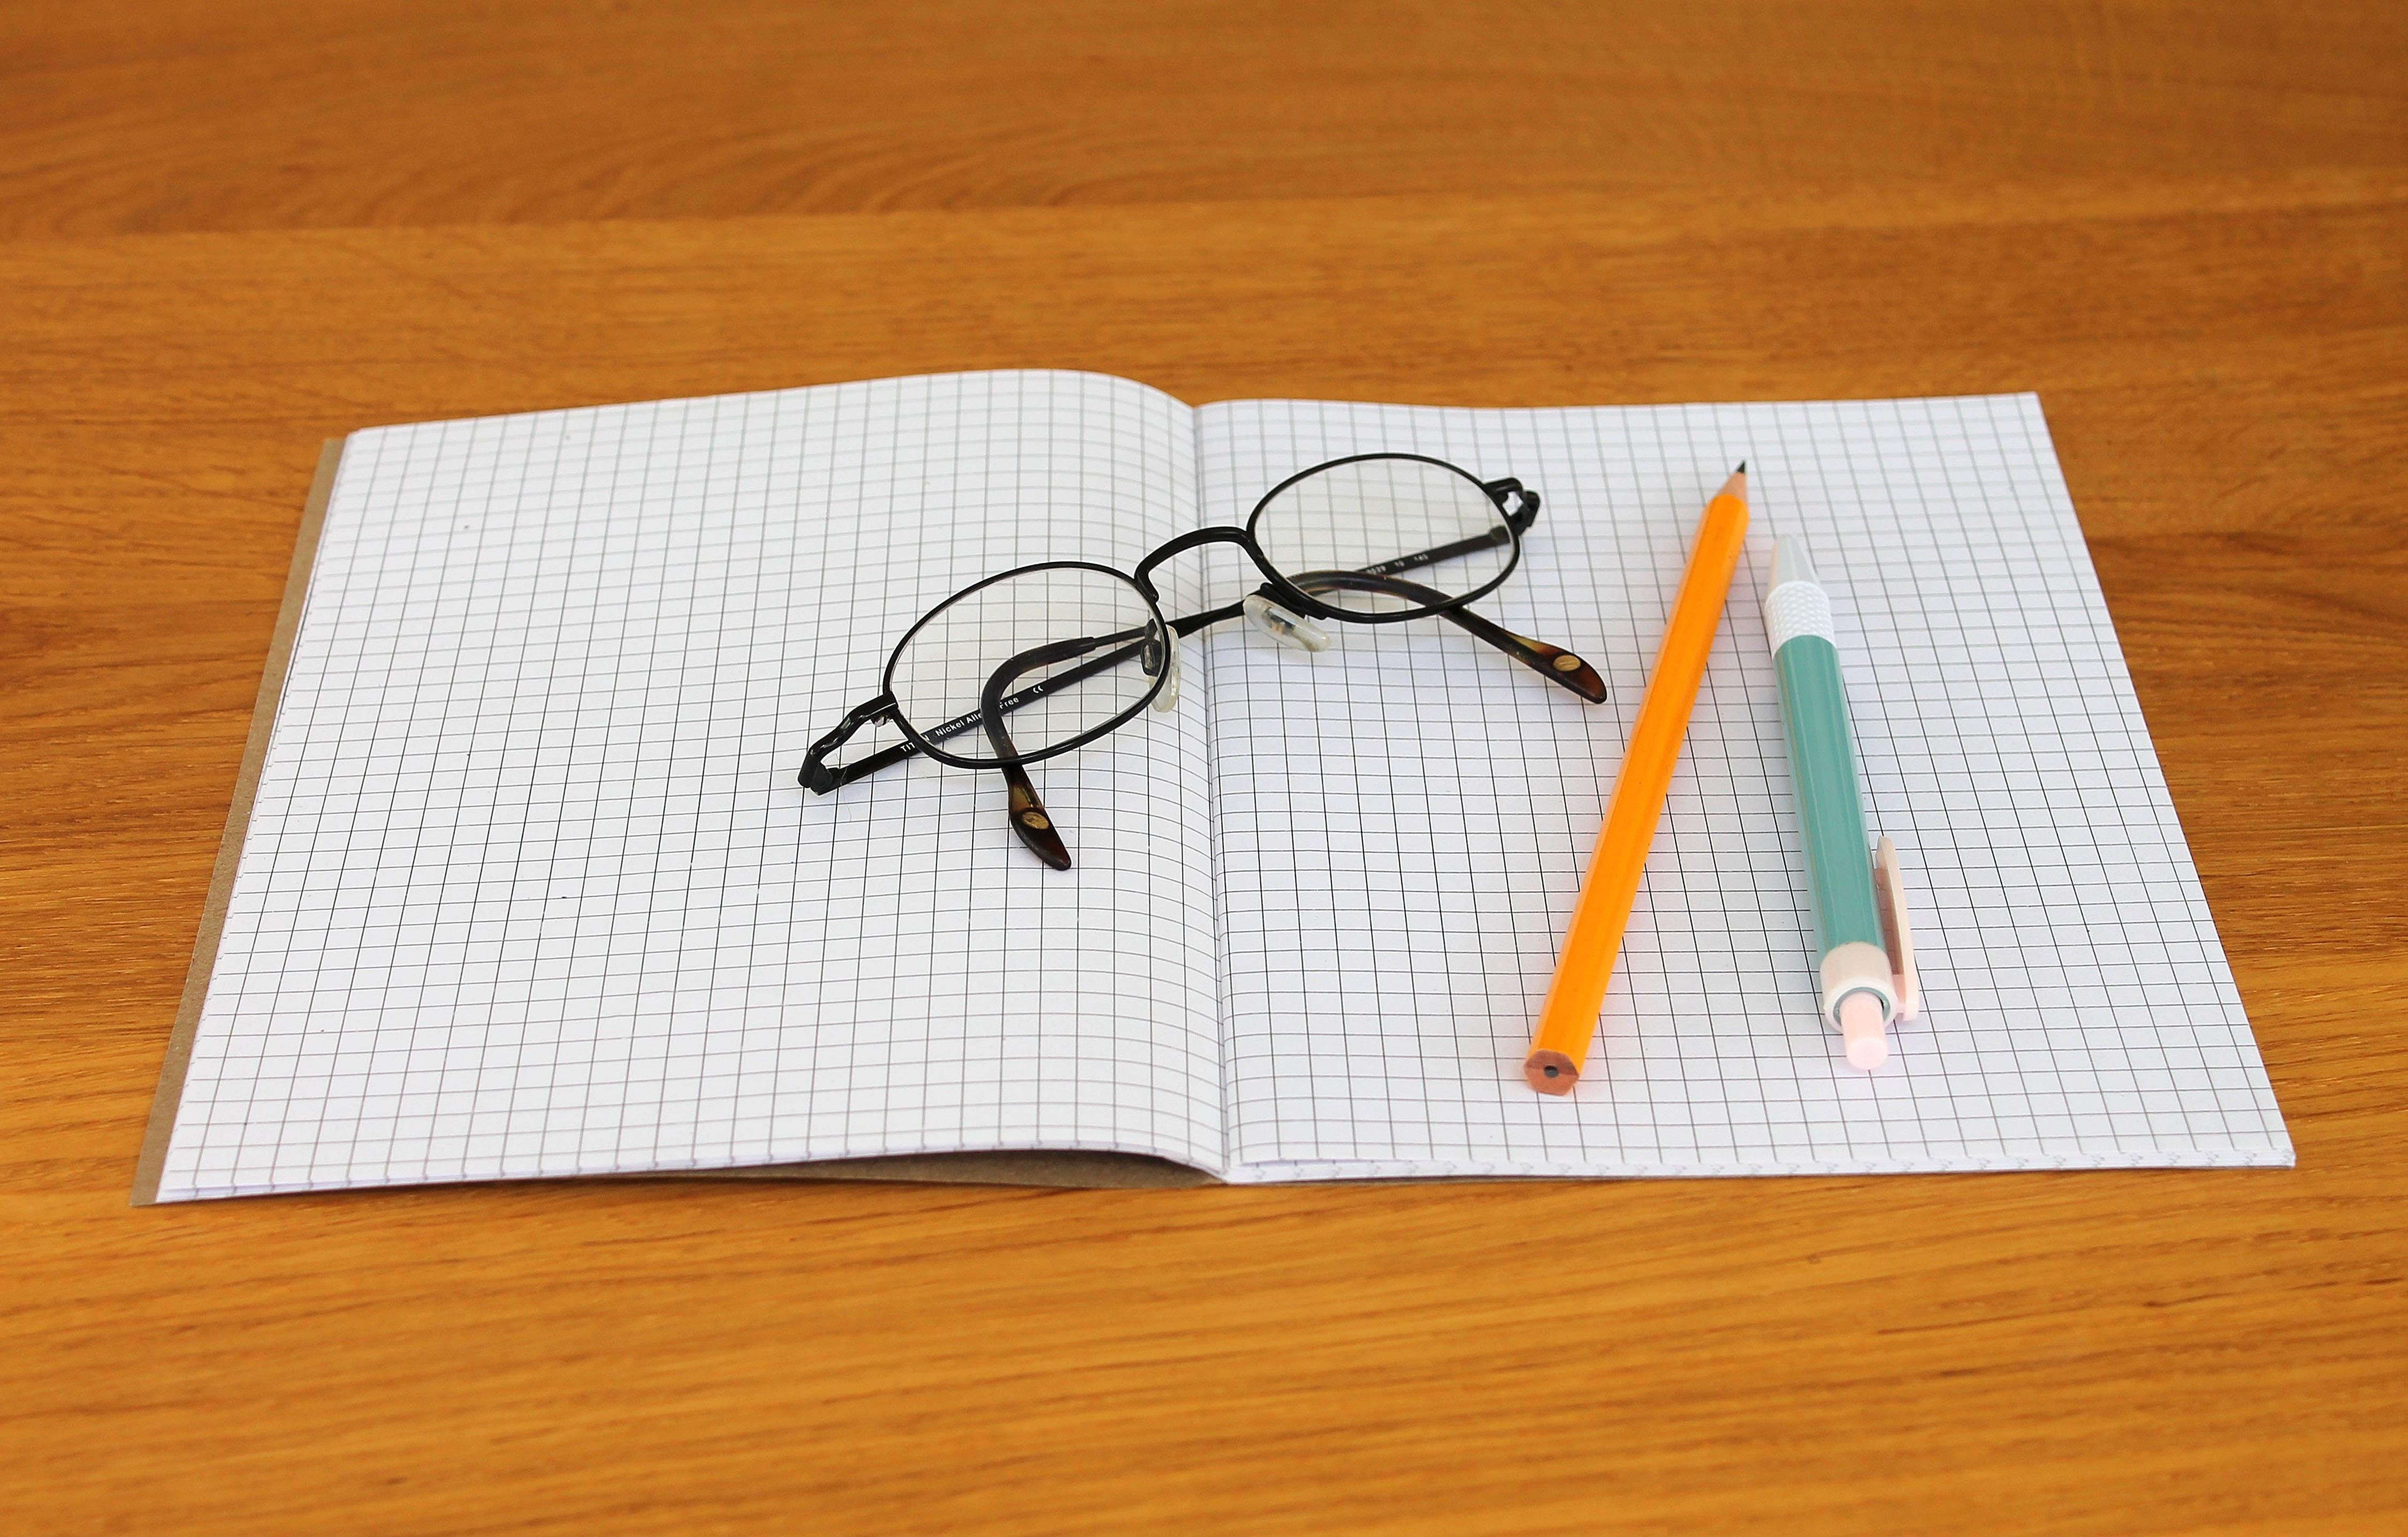 Black Framed Eyeglass on Graphing Paper, Ballpen, Blank, Close-up, Eyeglasses, HQ Photo